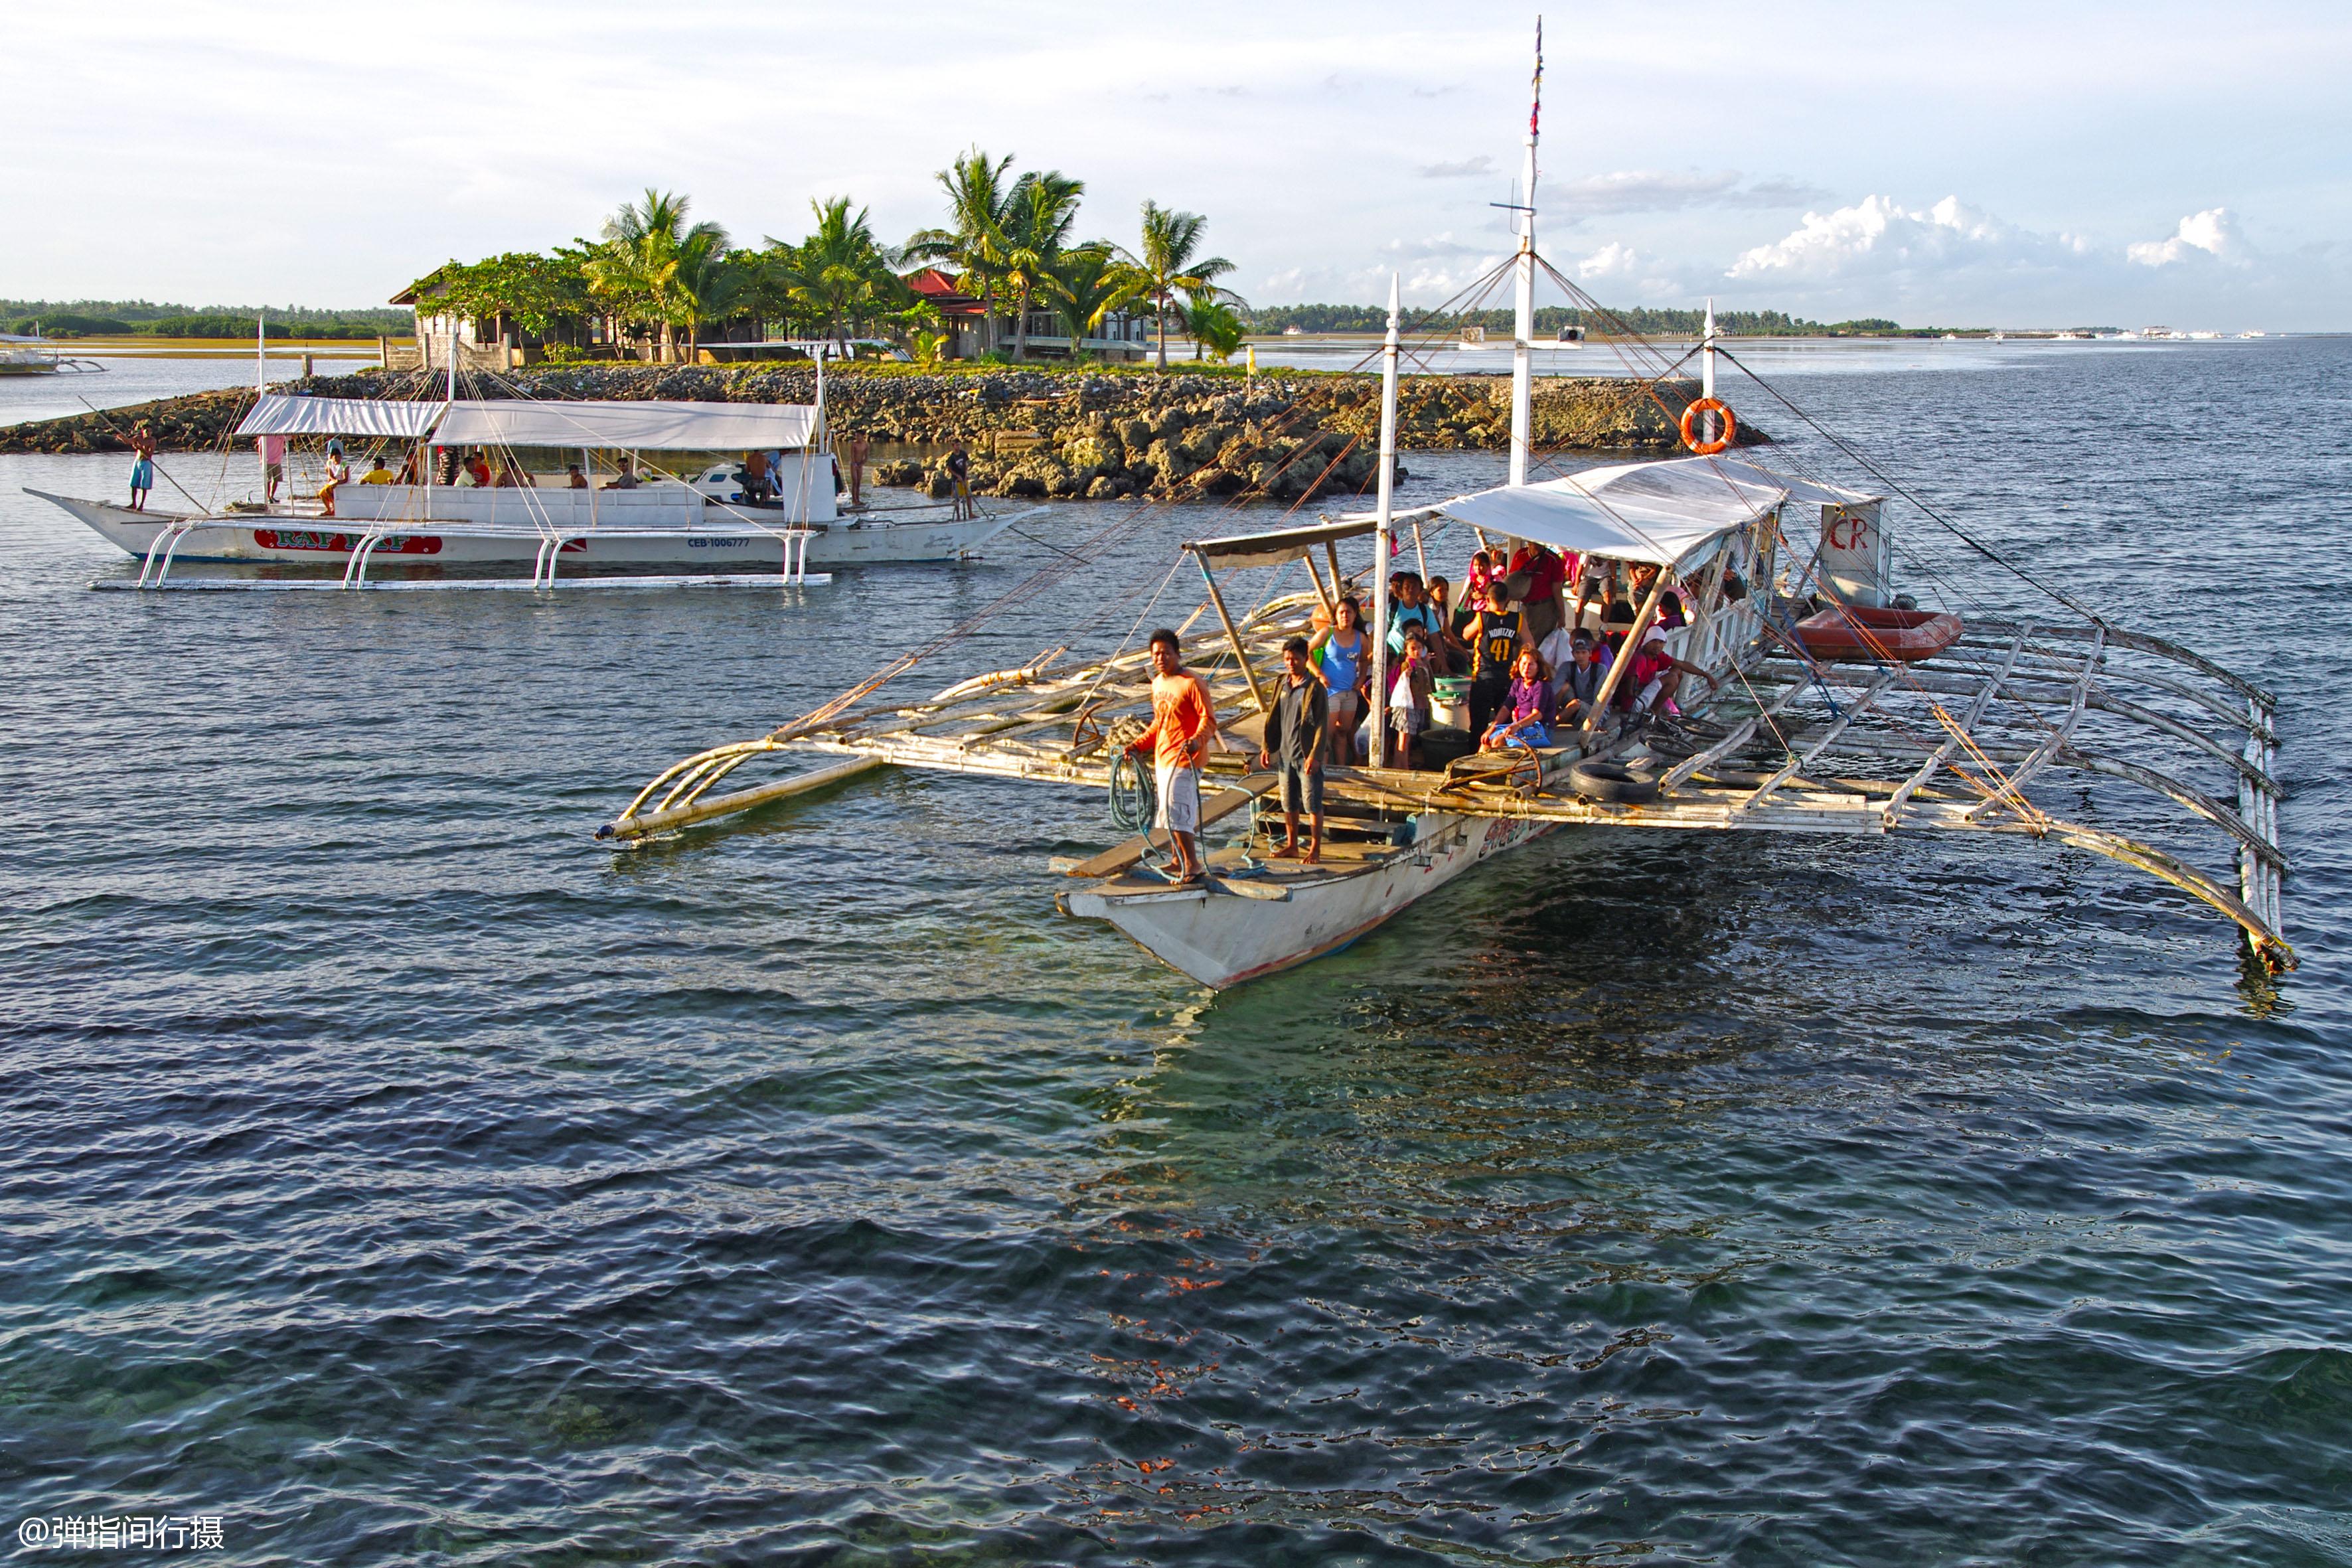 <b>菲律宾最古老的城市,曾是西班牙殖民地,具有东西合璧的独特风情</b>